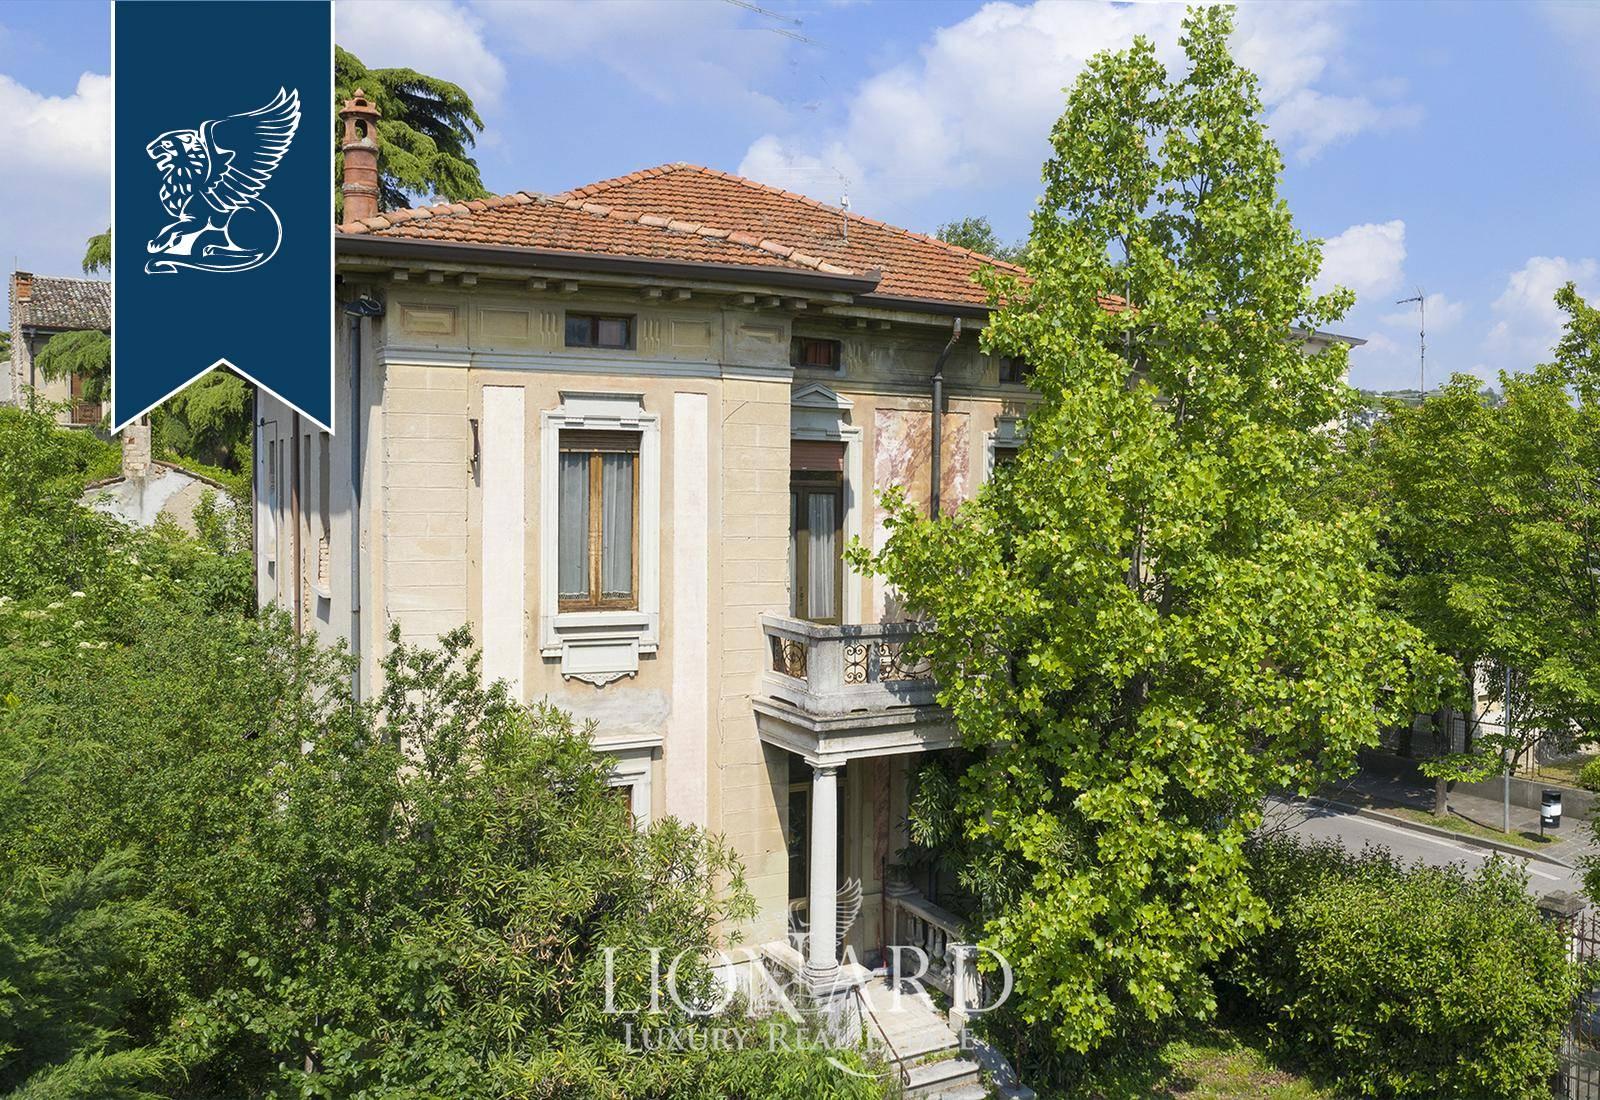 Villa in Vendita a Castiglione Delle Stiviere: 0 locali, 400 mq - Foto 1